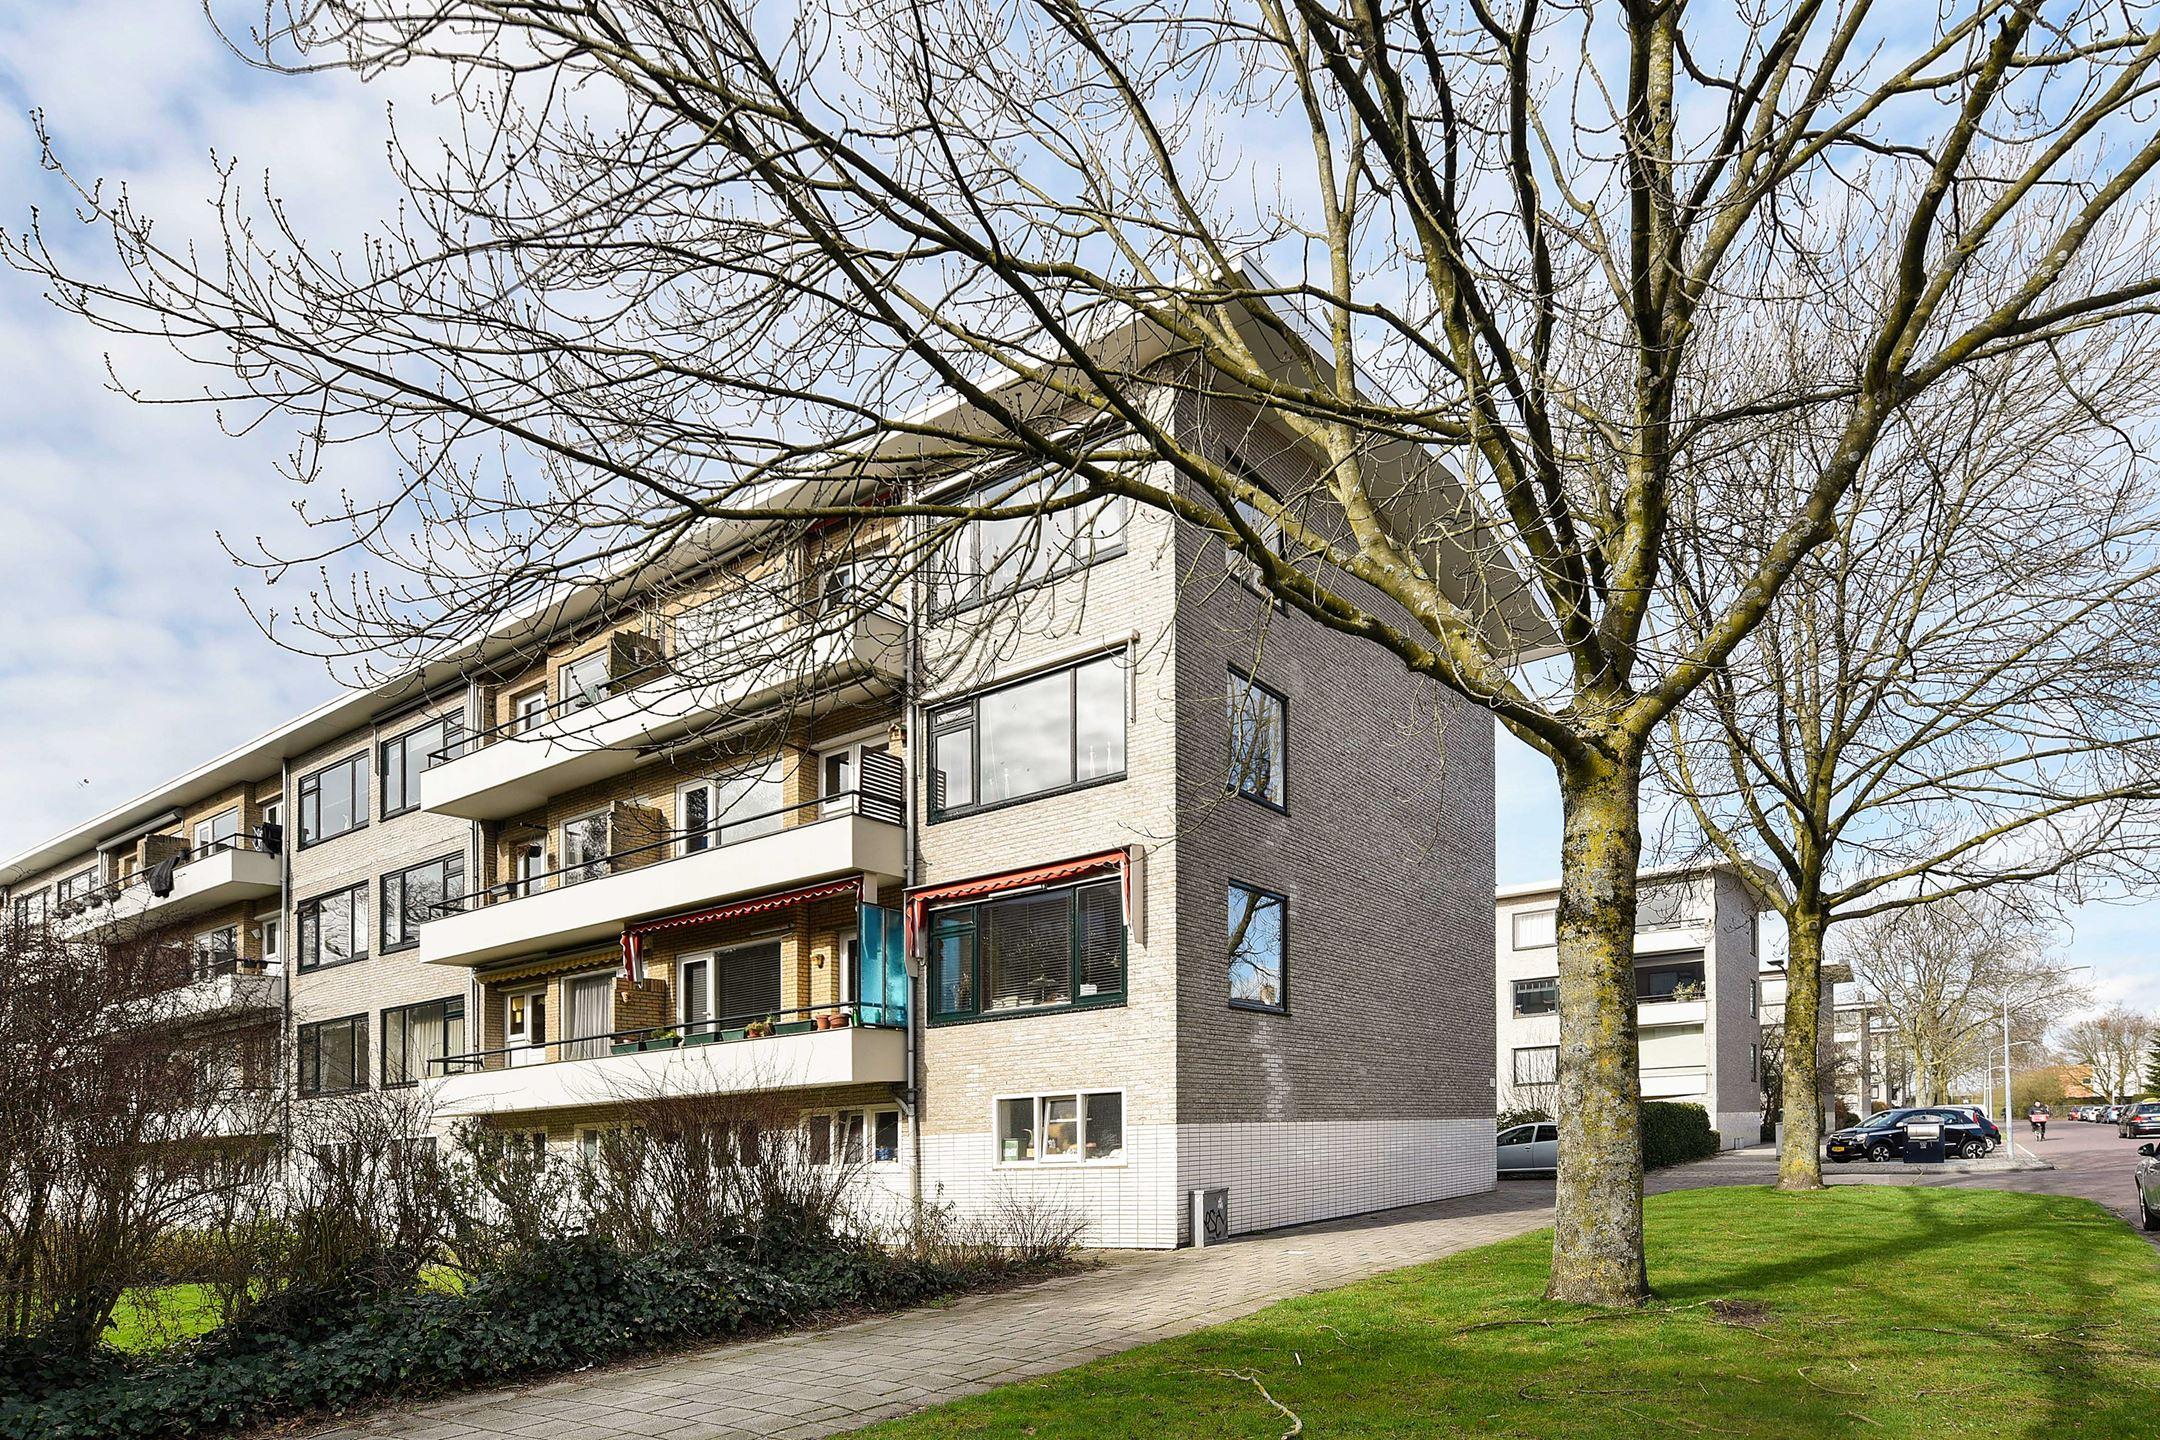 de-krim-te-zaanenkwartier-haarlem-noord-flat